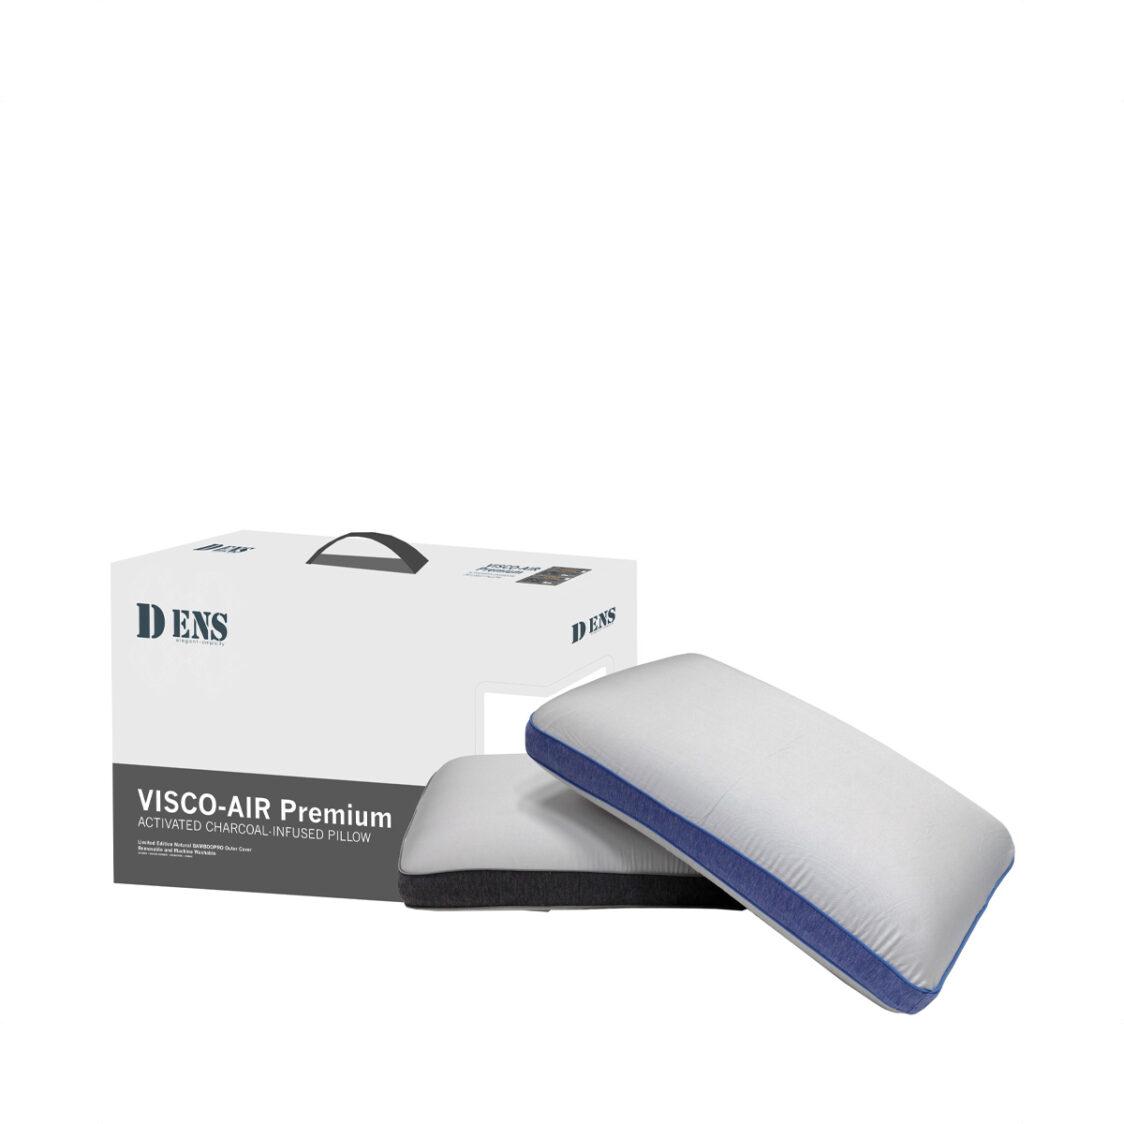 Intero Dens Premium Memory Foam Comfort - Soft